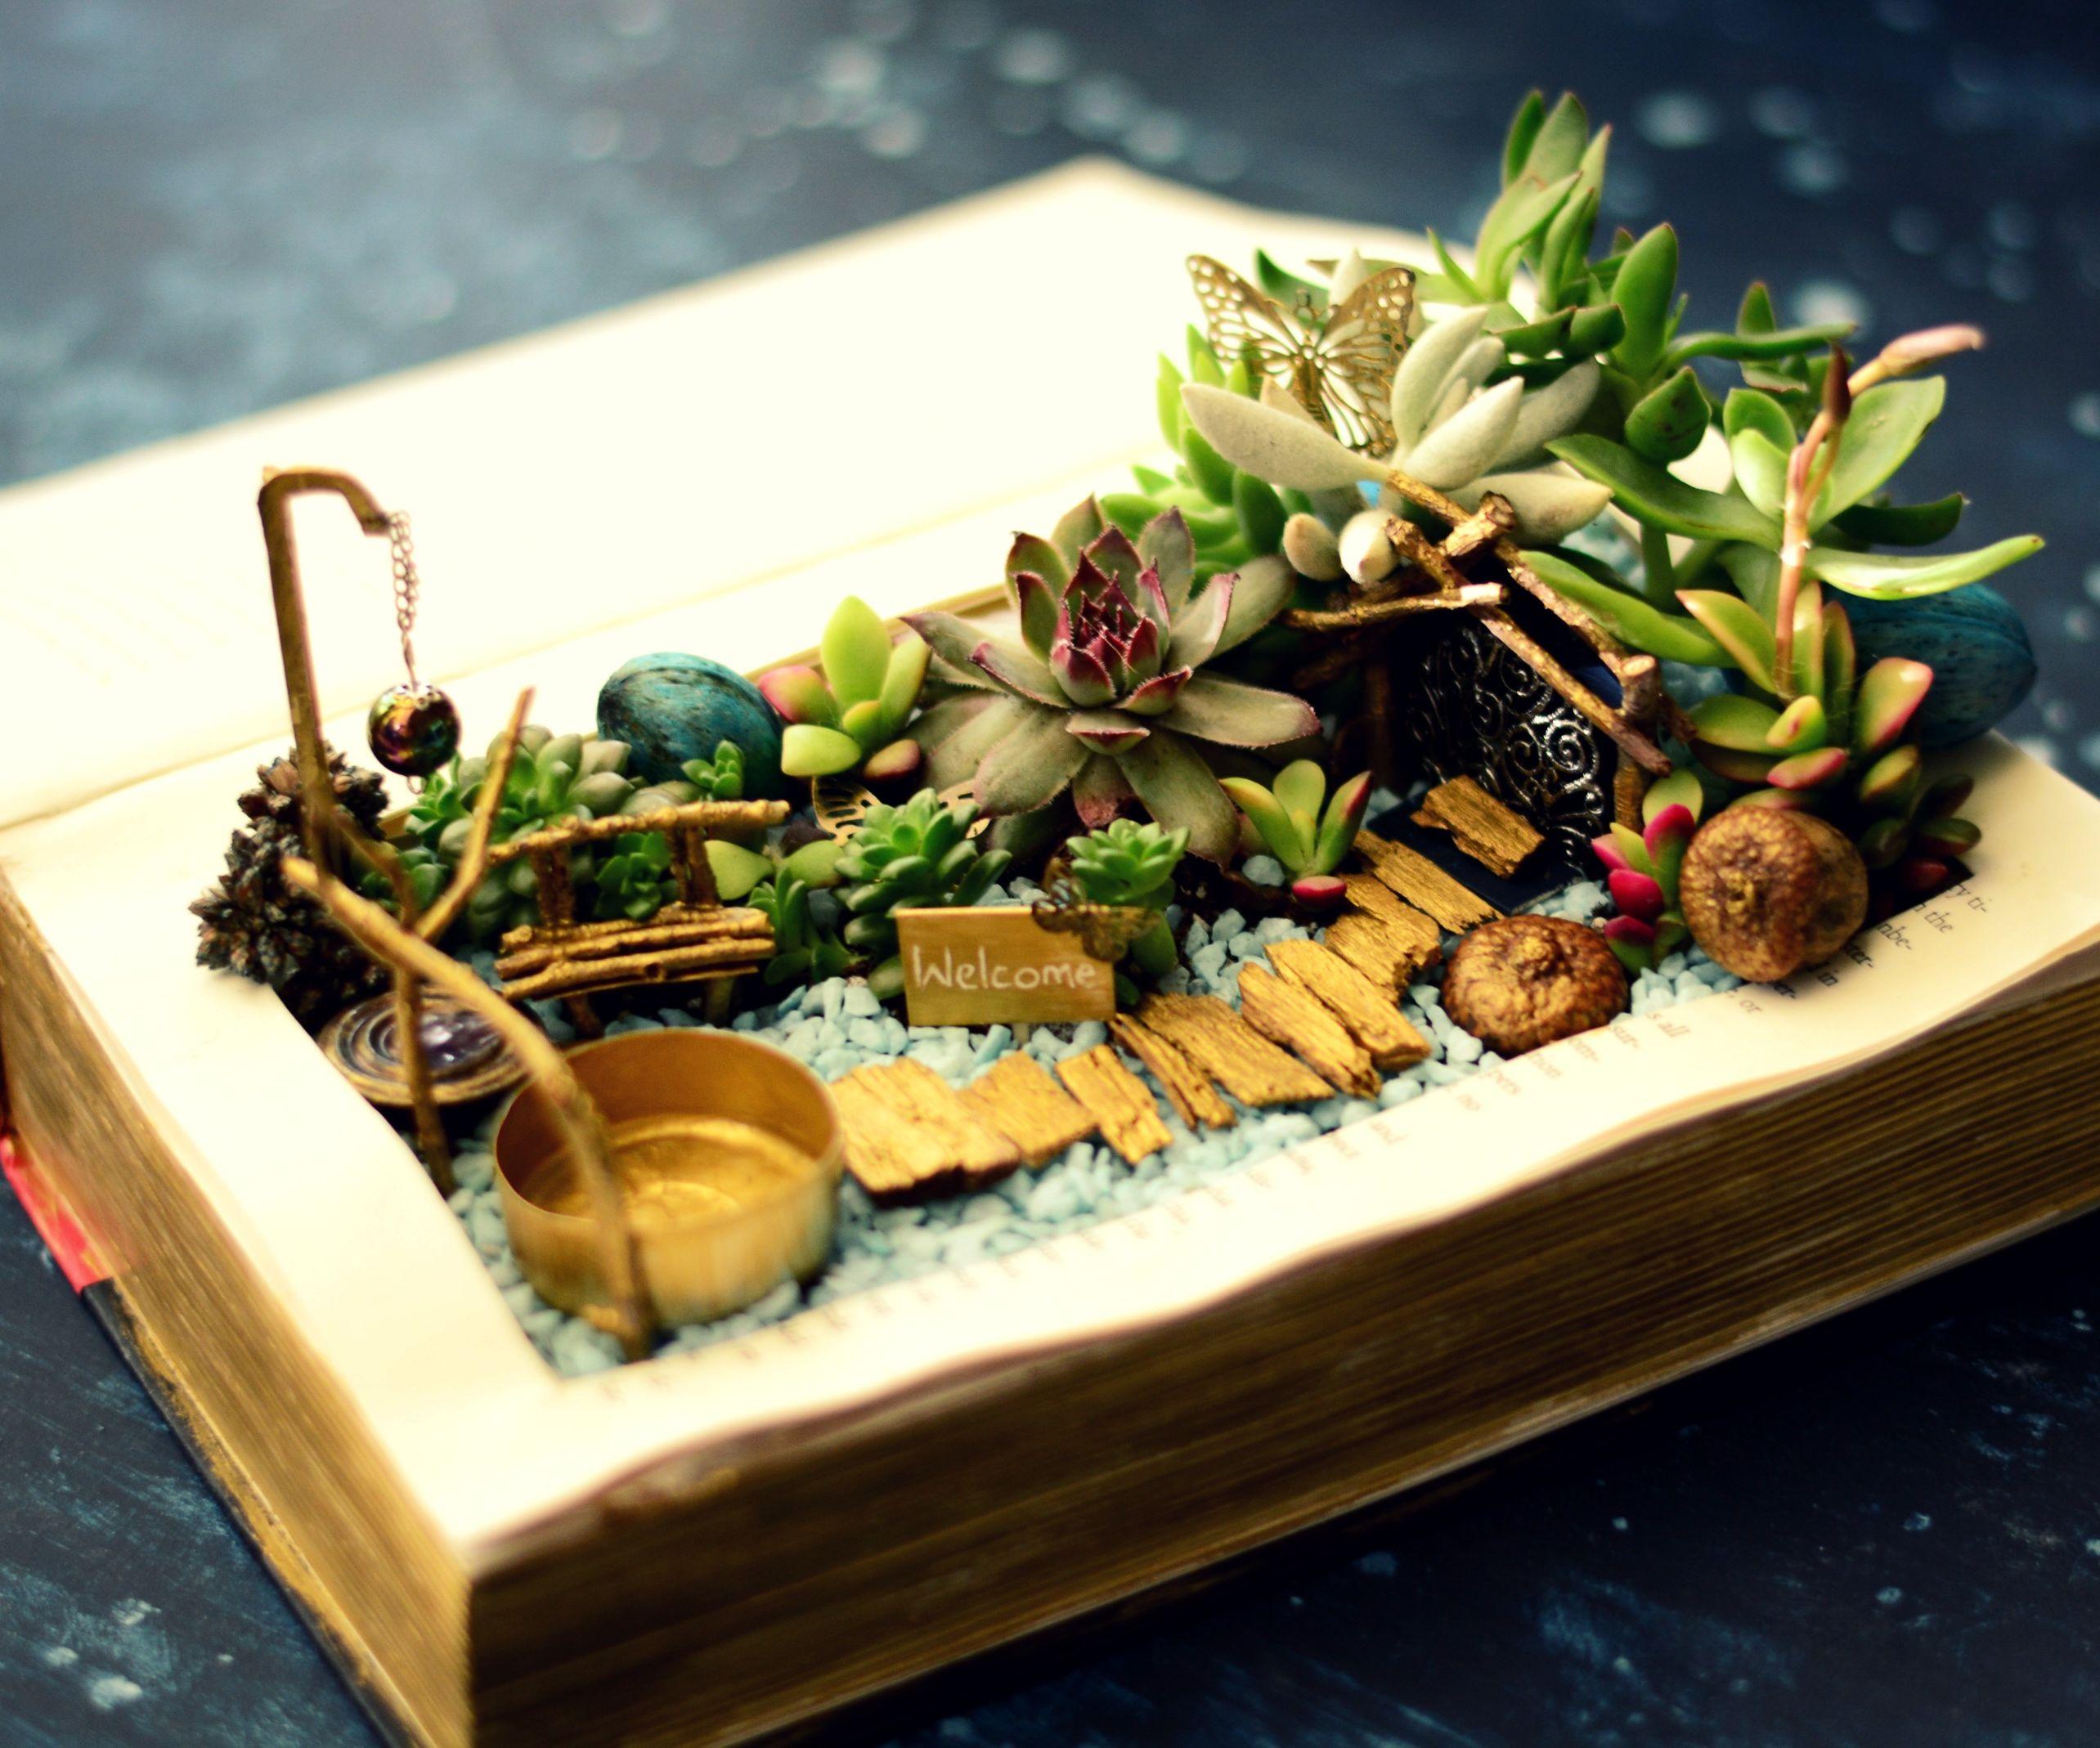 DIY Book Planter Succulent Fairy Garden